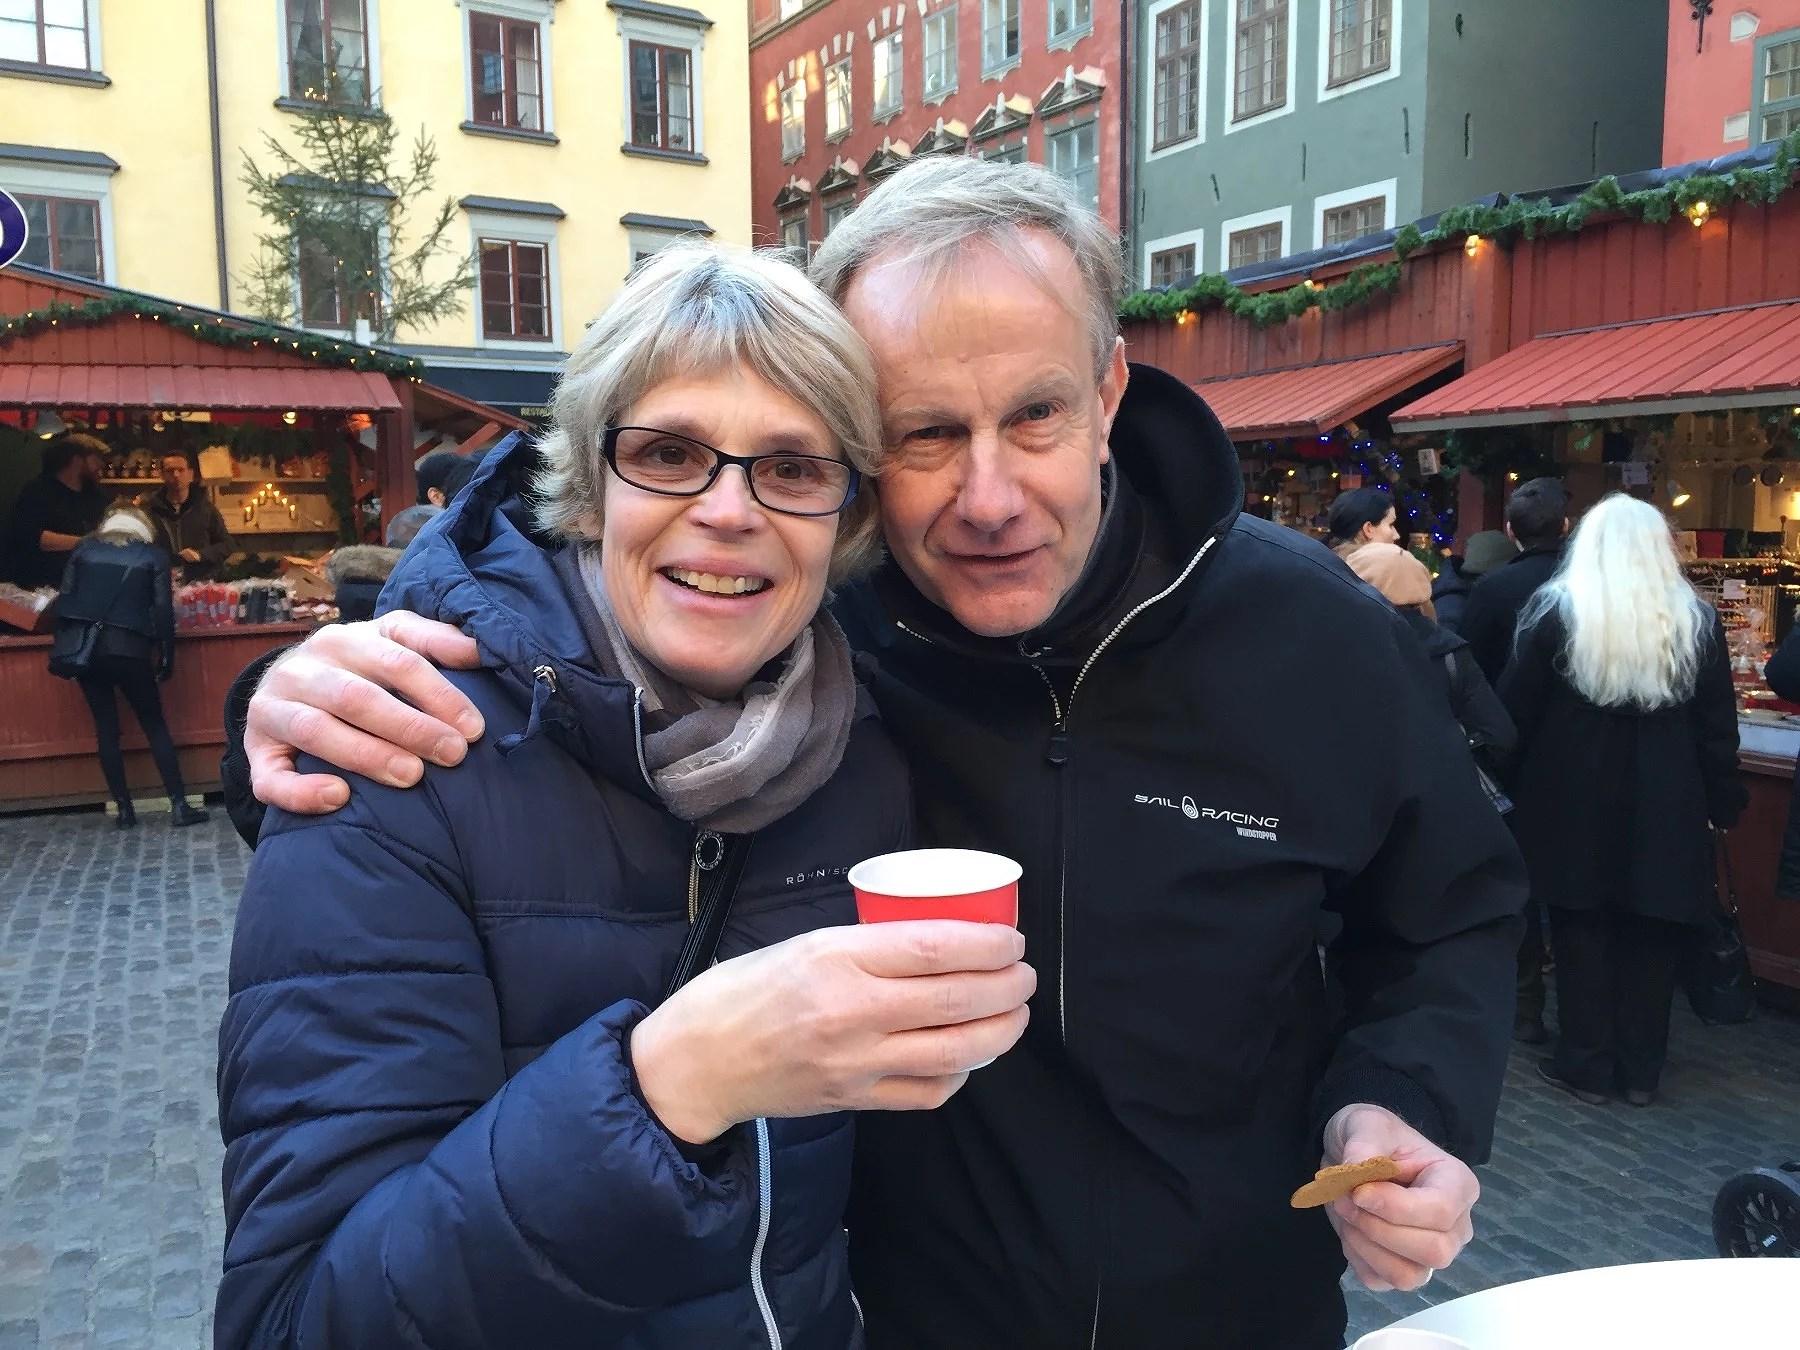 en dag med mamma och pappa på stan